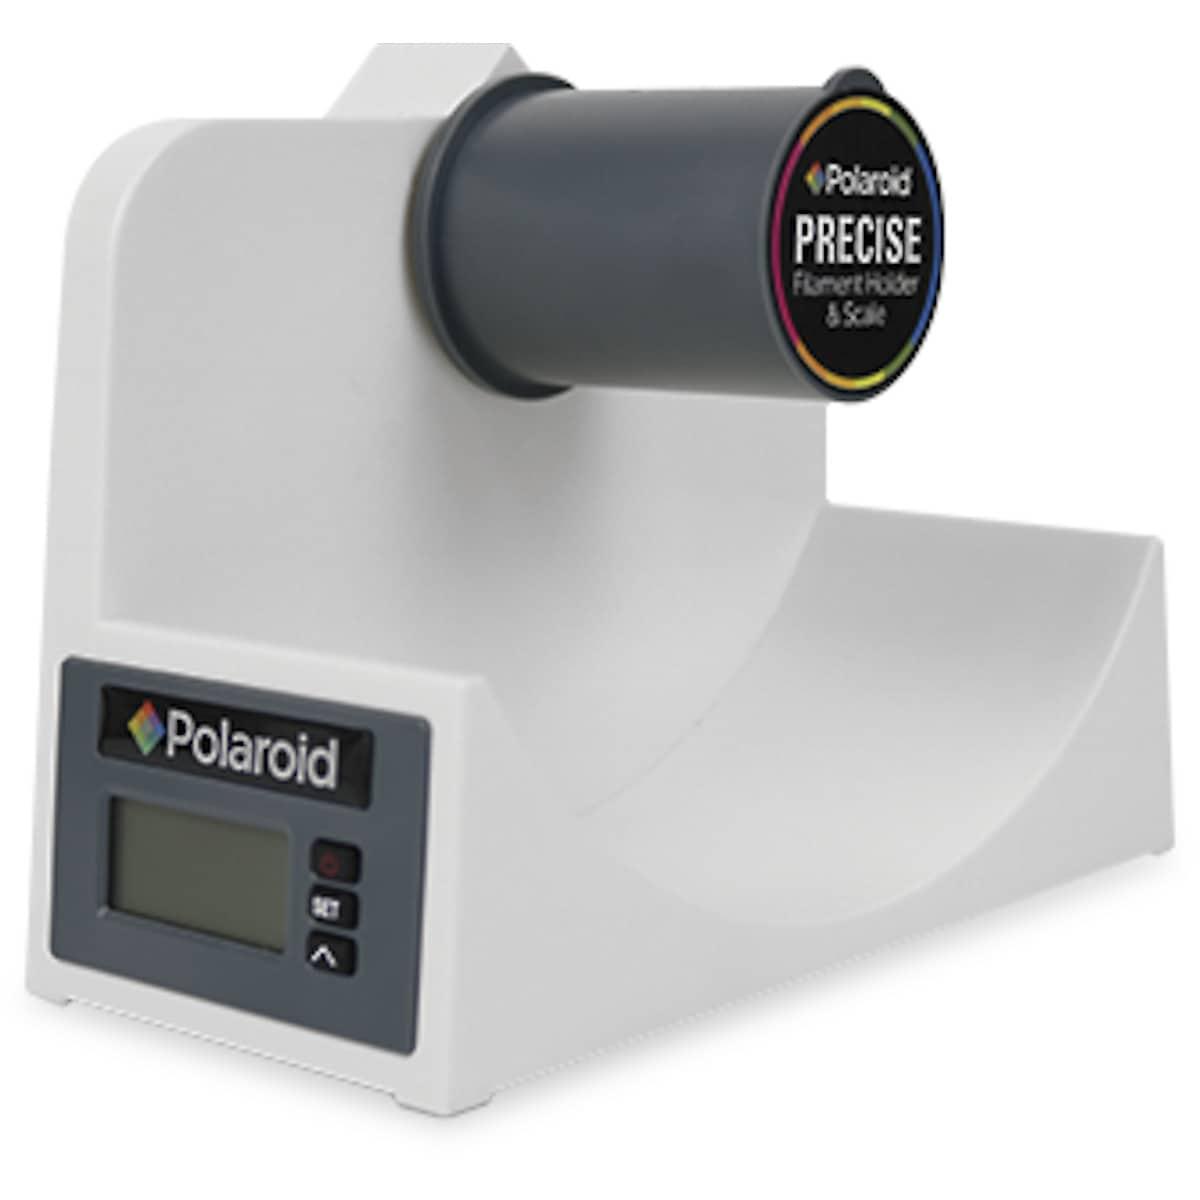 Filamenthållare och våg till 3D-skrivare, Polaroid